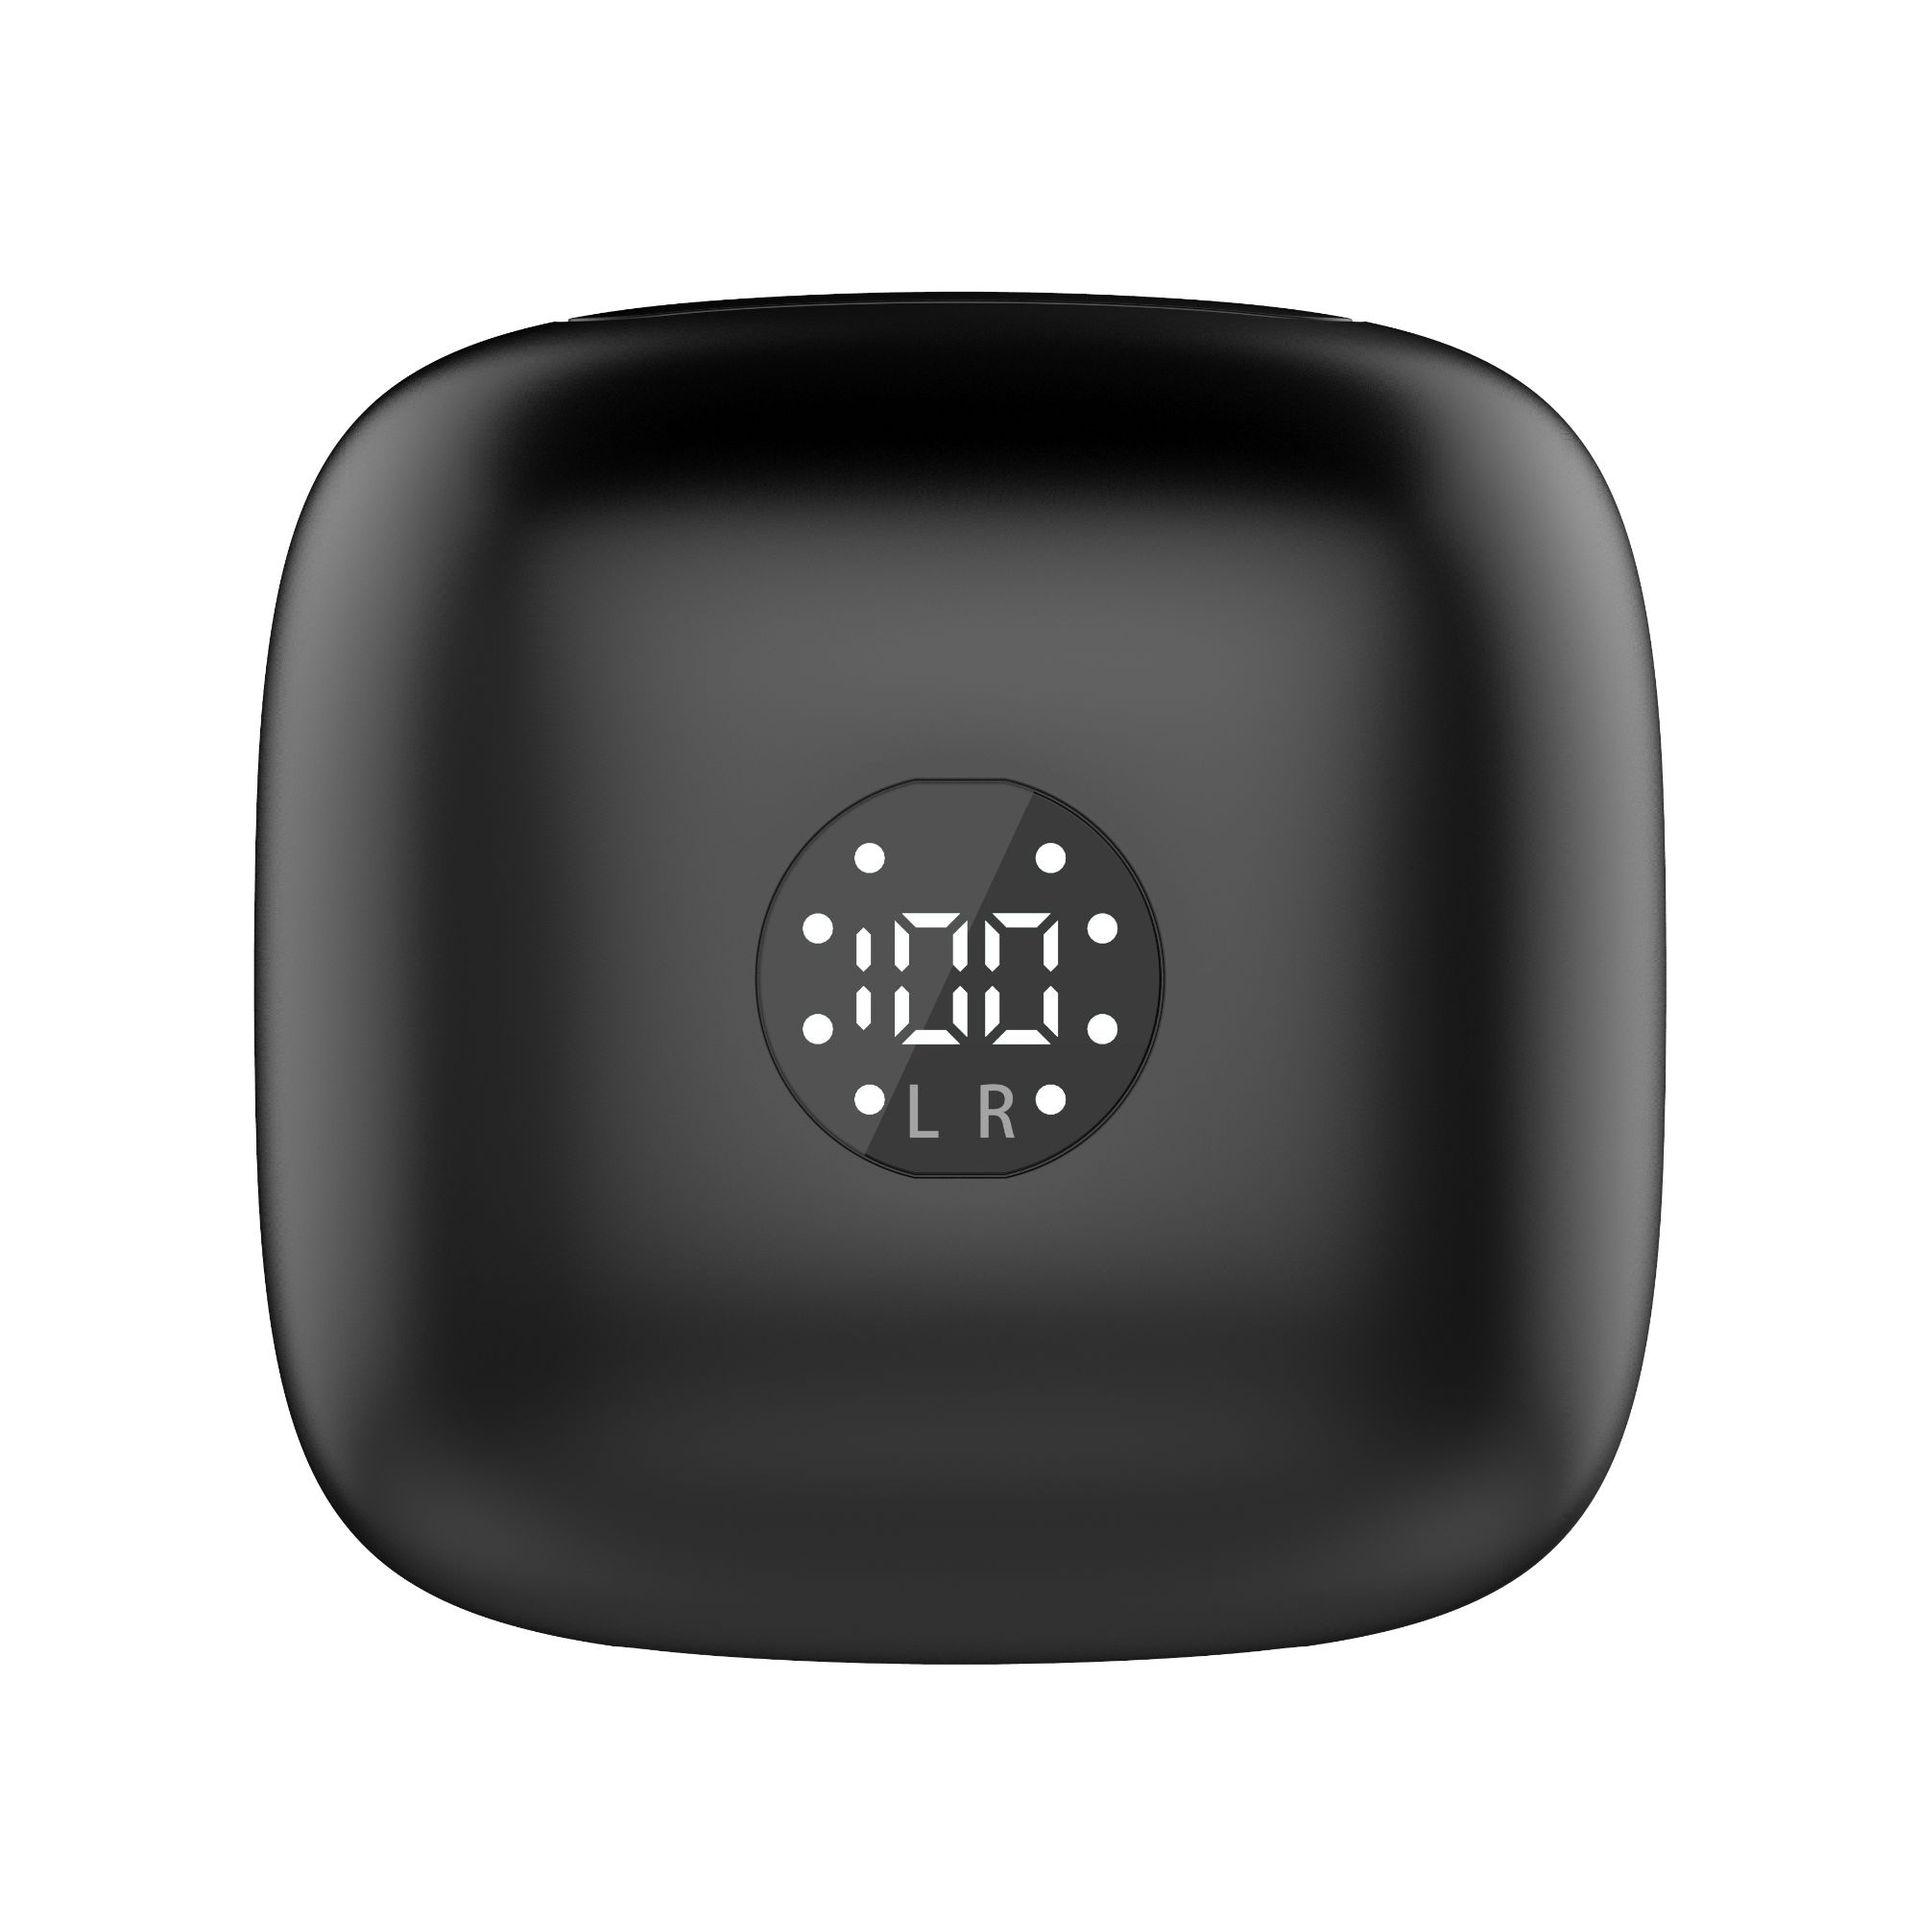 Tai Nghe Bluetooth 5.0 Sport Earhook B11 Dalugi ,Có Dock Sạc Led Chống Nước Cao Cấp - Chính Hãng